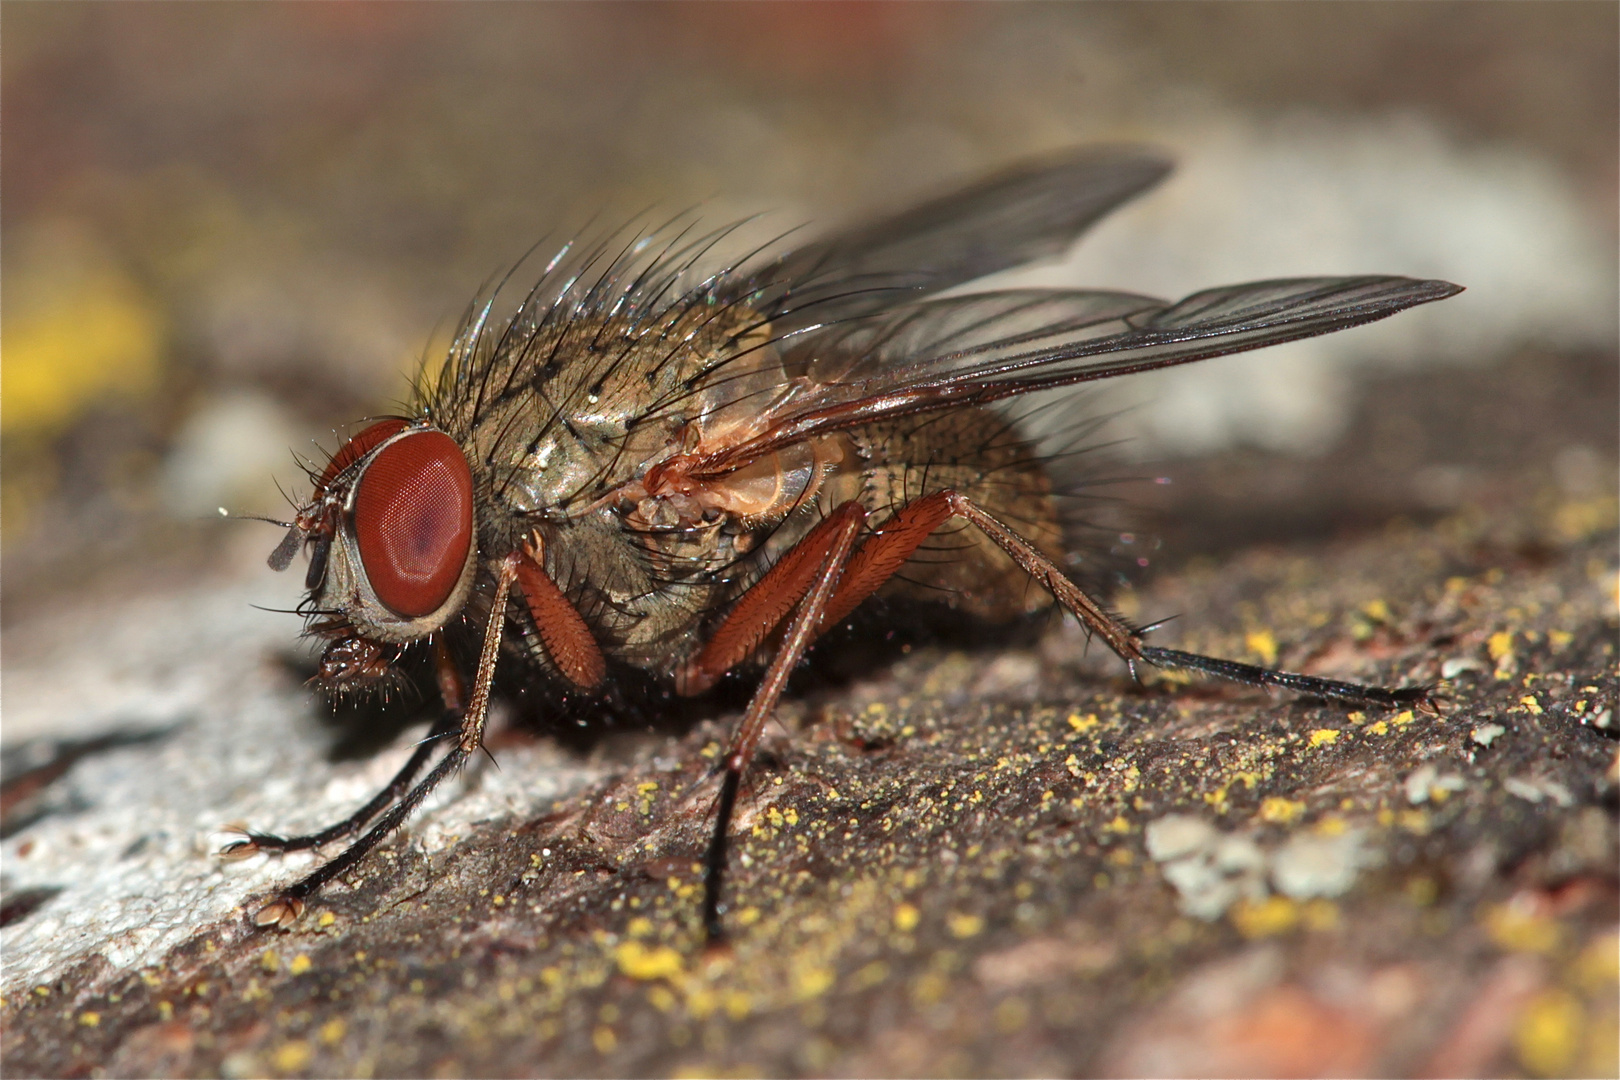 Ich mach jetzt die Fliege - gute Nacht (-: !